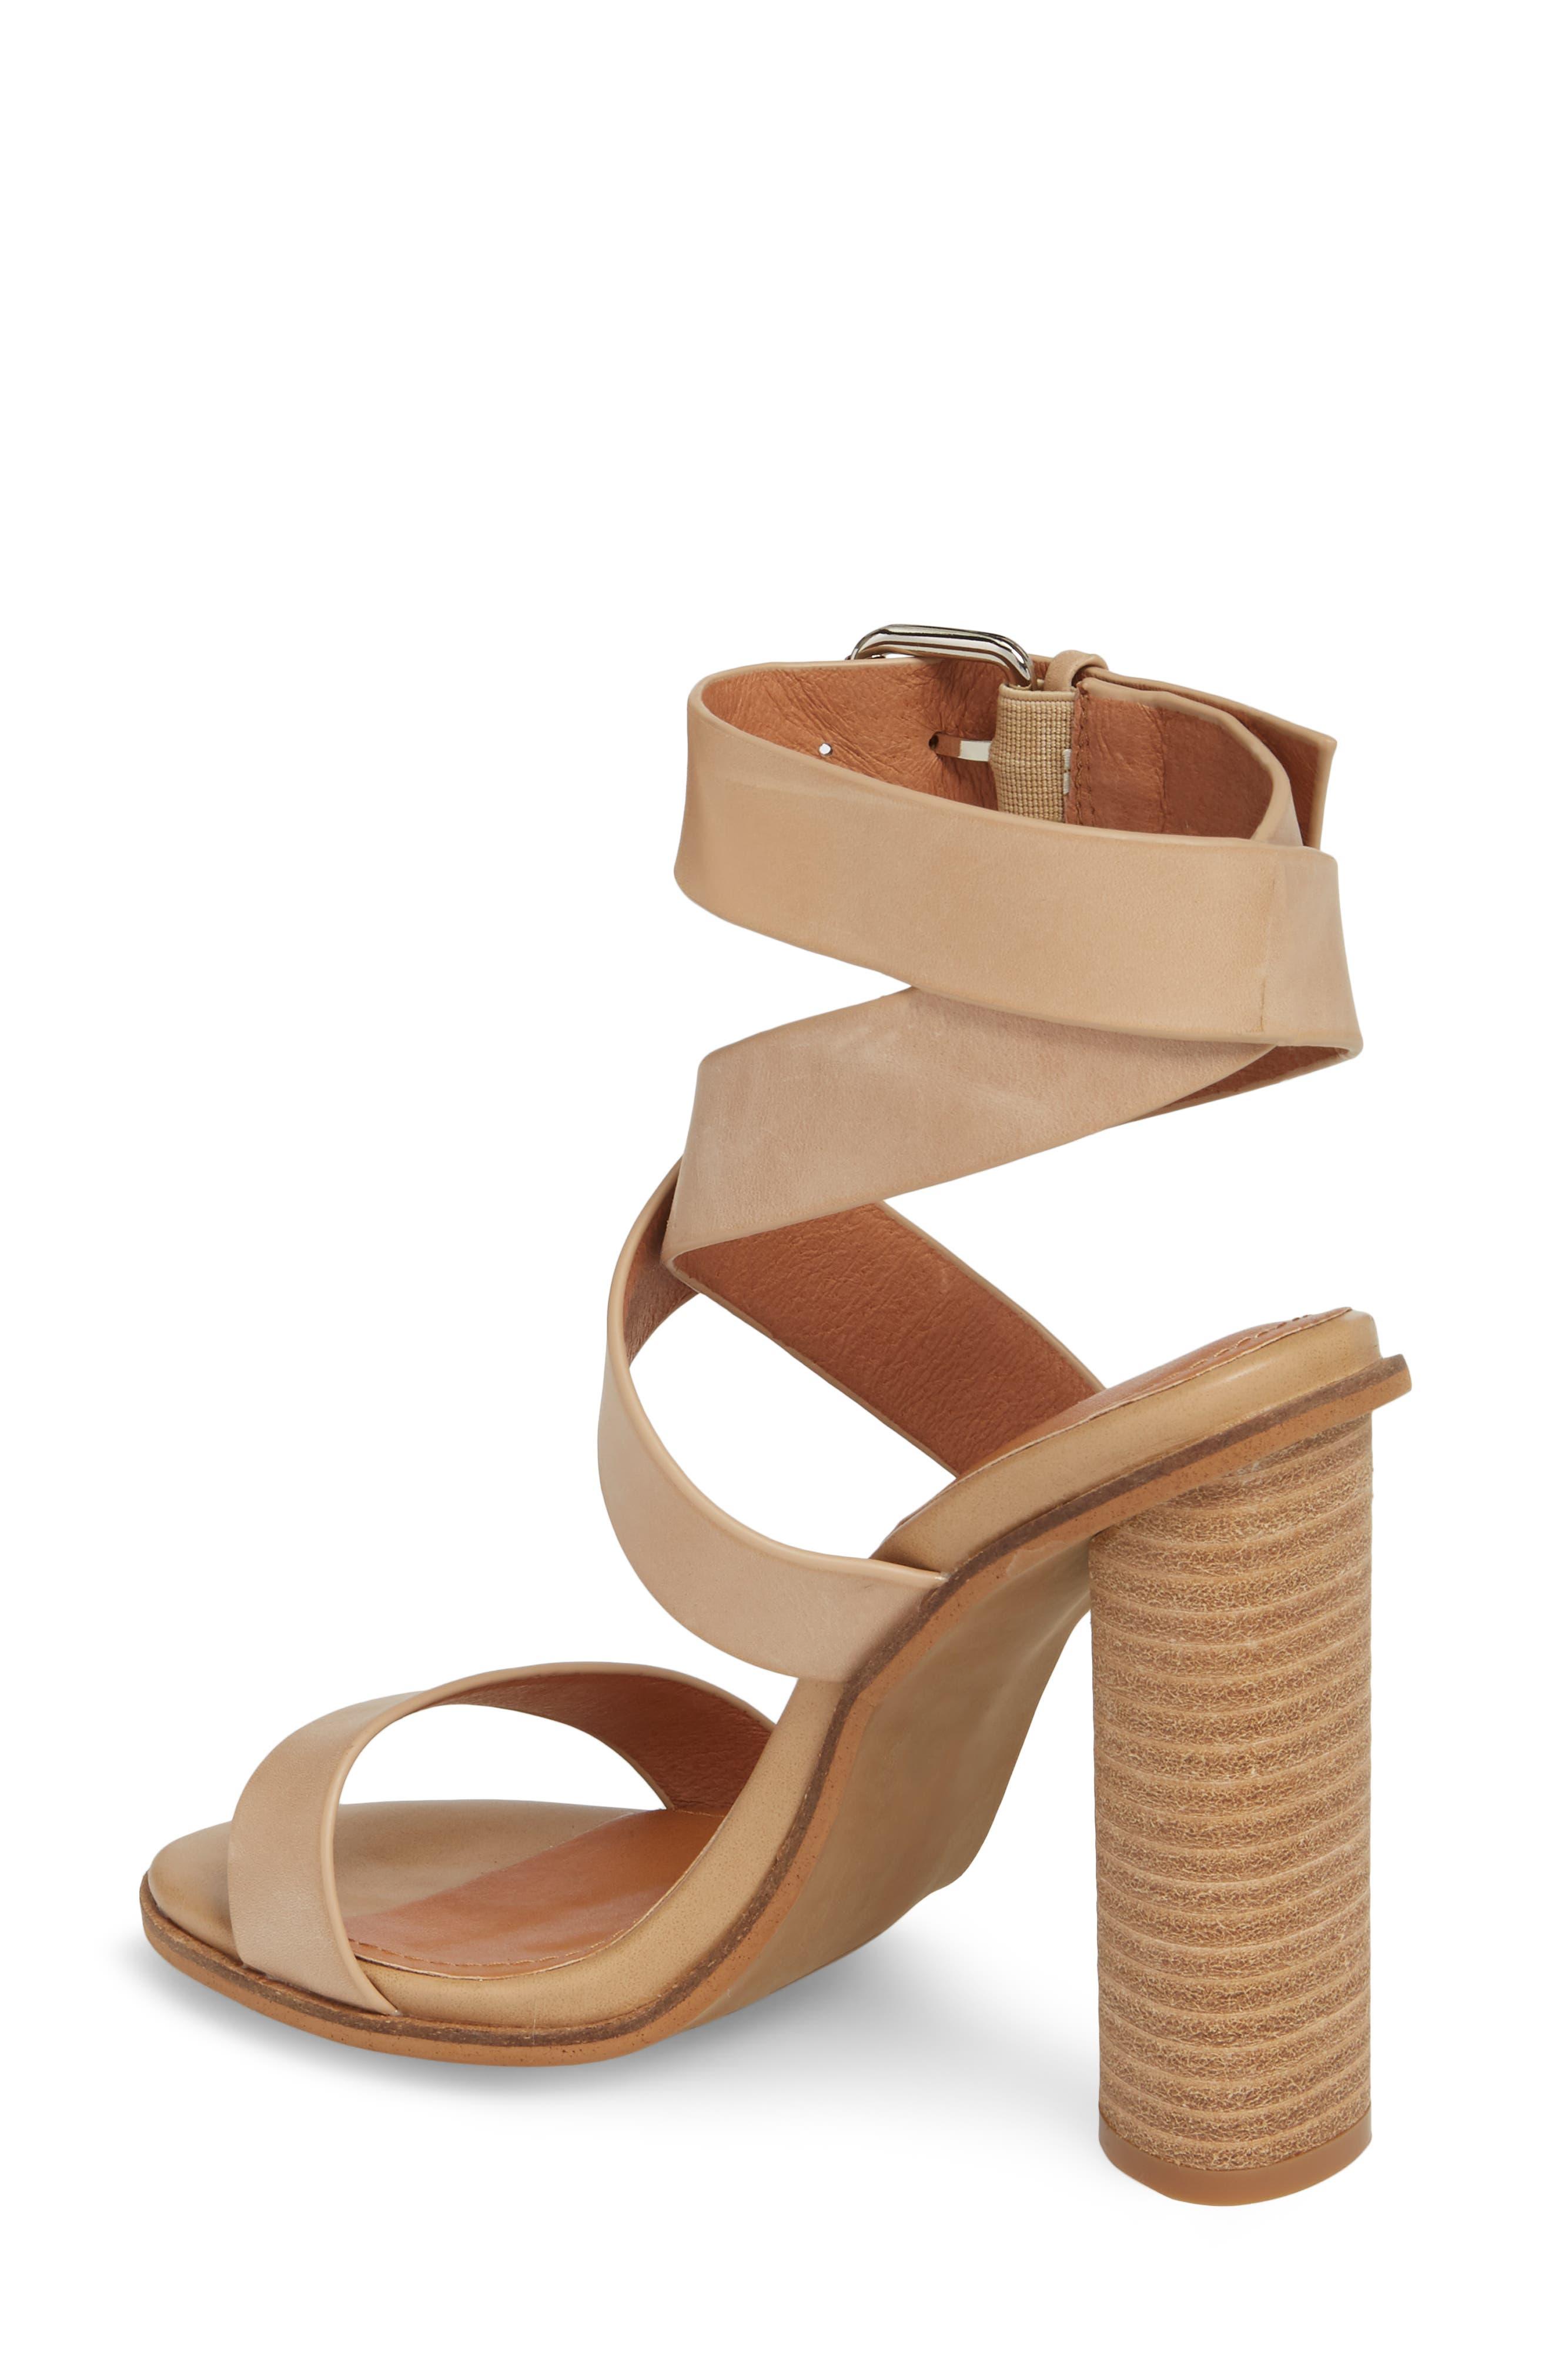 Abaala Cross Strap Sandal,                             Alternate thumbnail 2, color,